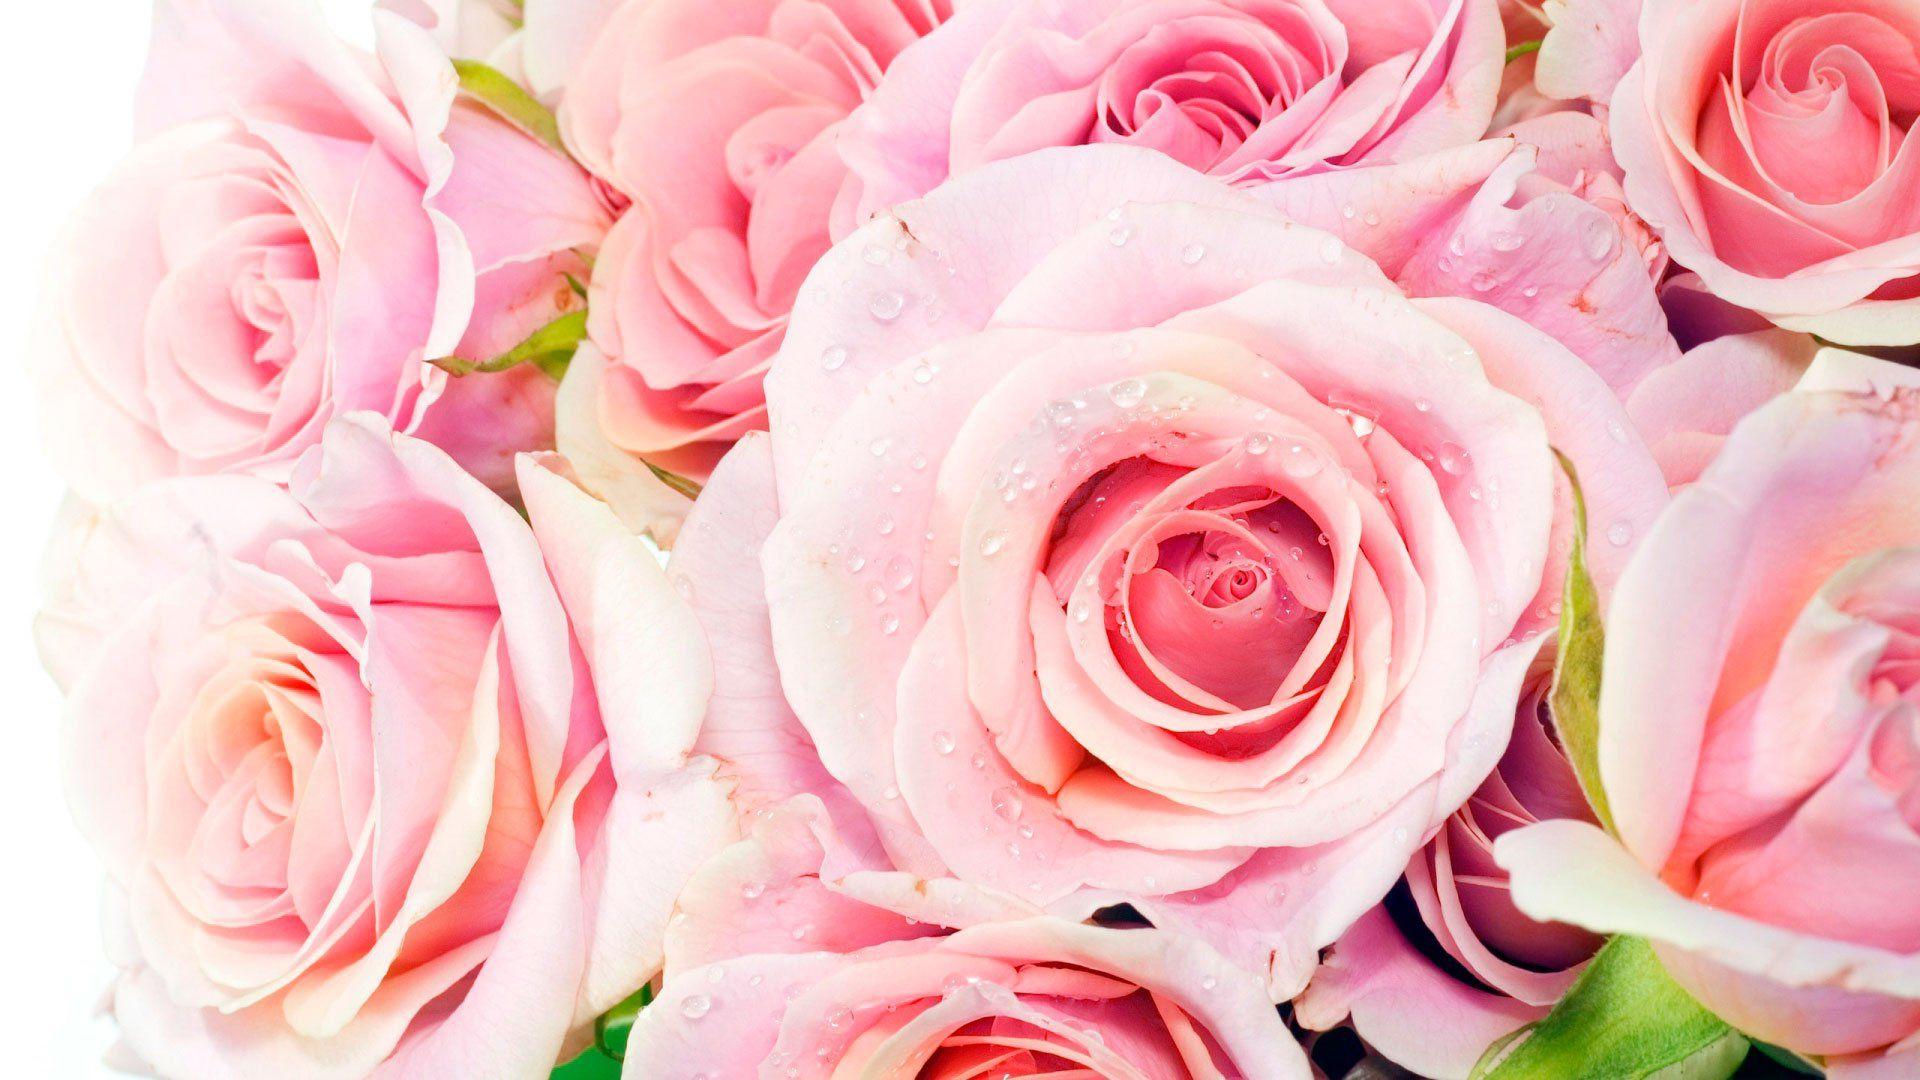 обои для раб стола розовые розы № 583777 бесплатно